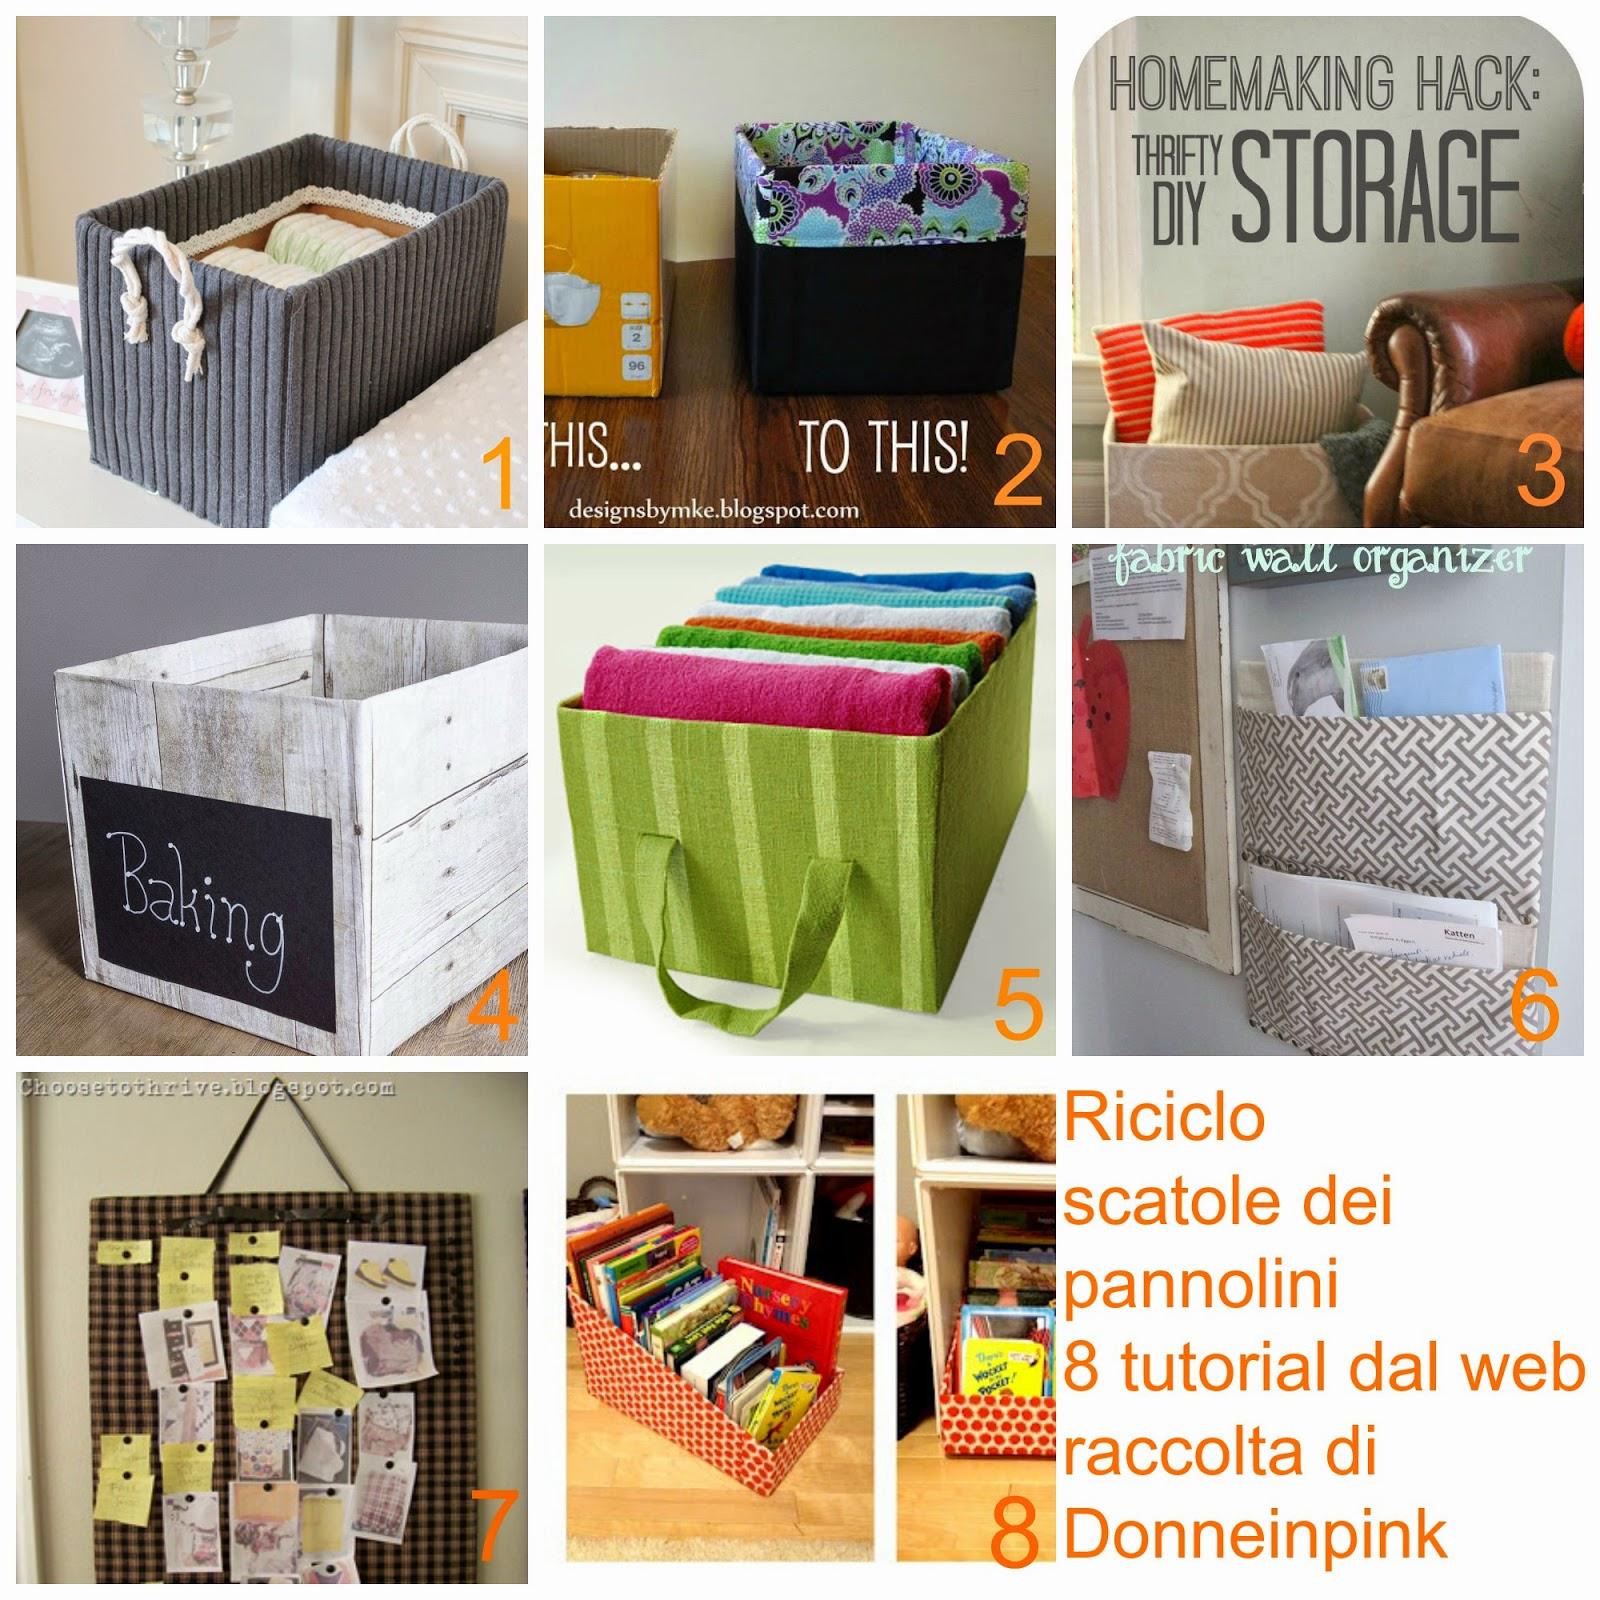 Riciclare i cartoni dei pannolini riciclo scatole 8 - Riciclare scatole ...